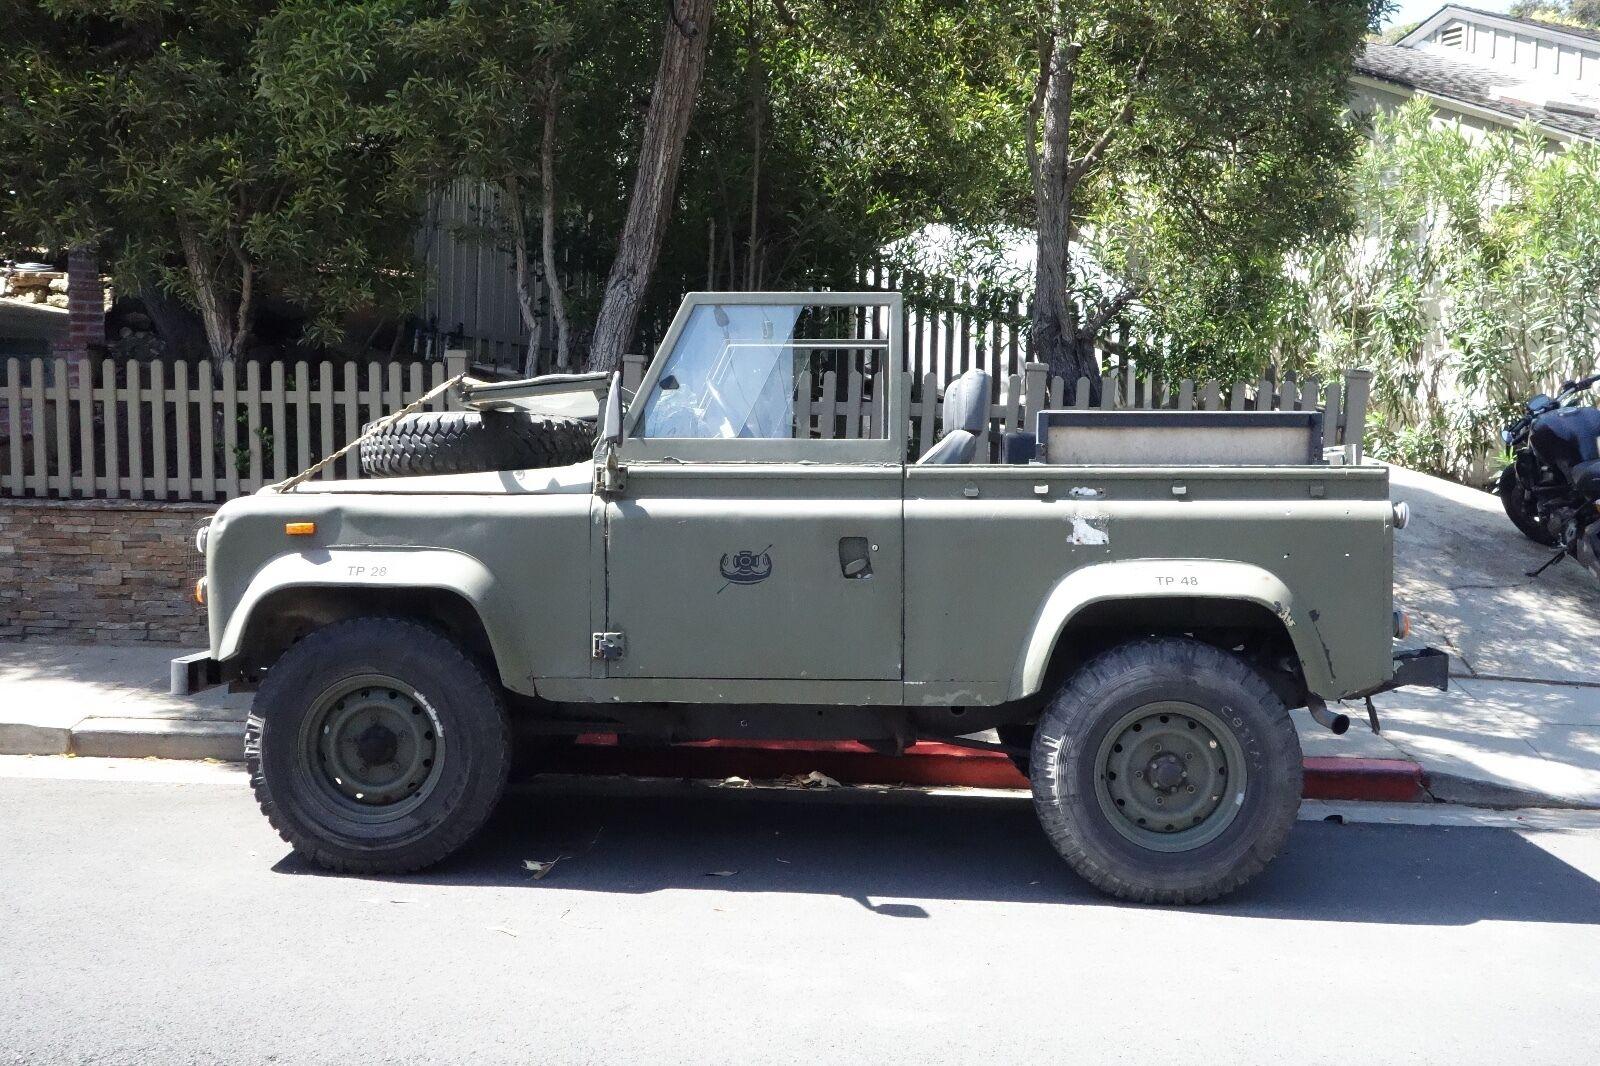 1980 Land Rover Defender  1980 Land Rover Defender MOD - ALREADY TITLED - D90 110